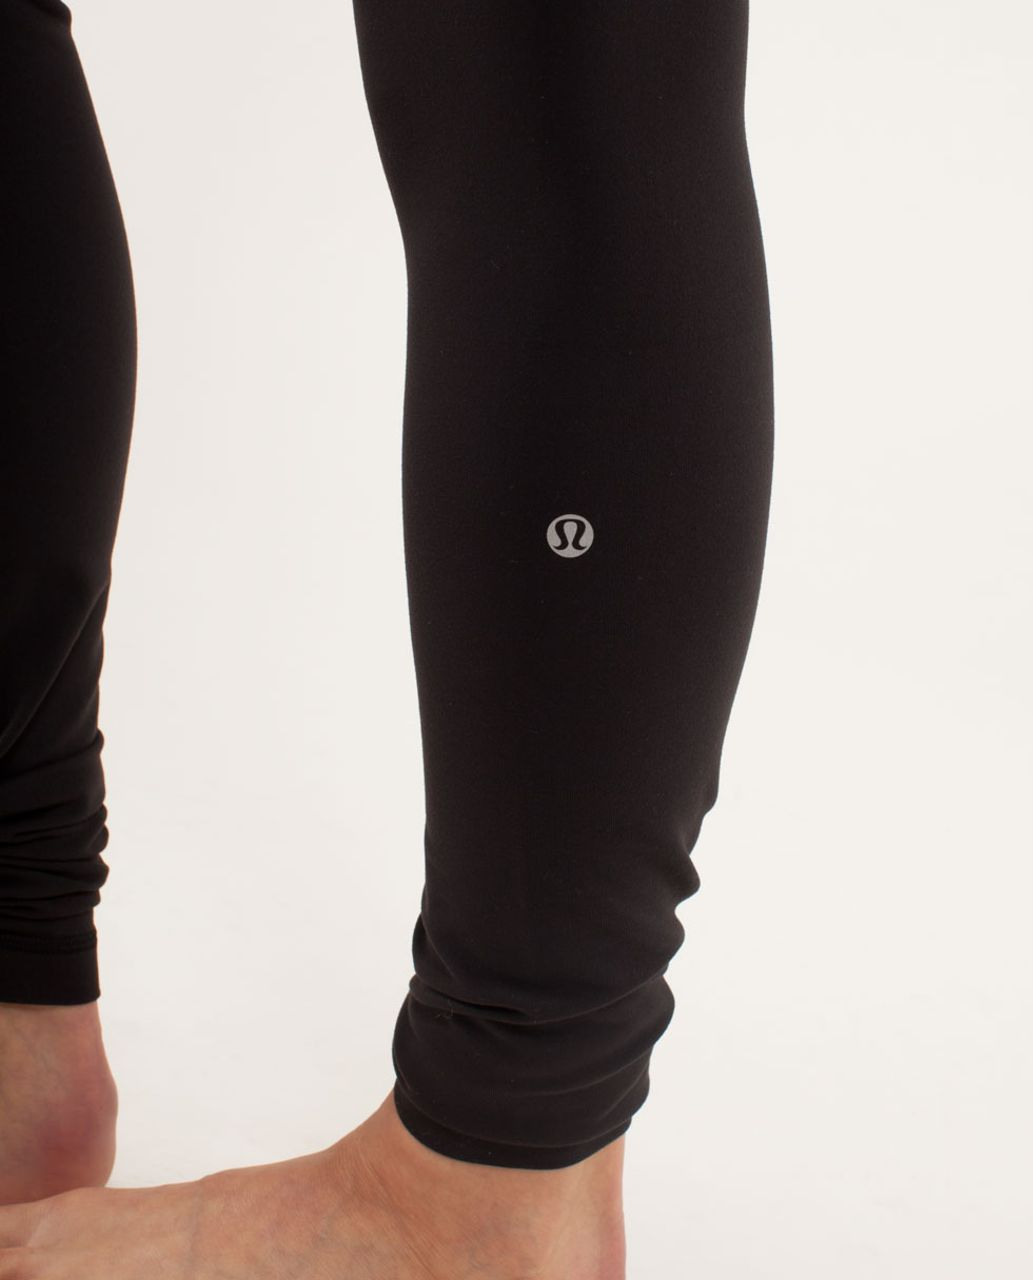 Lululemon Wunder Under Pant - Black / Quilt Spring13 11